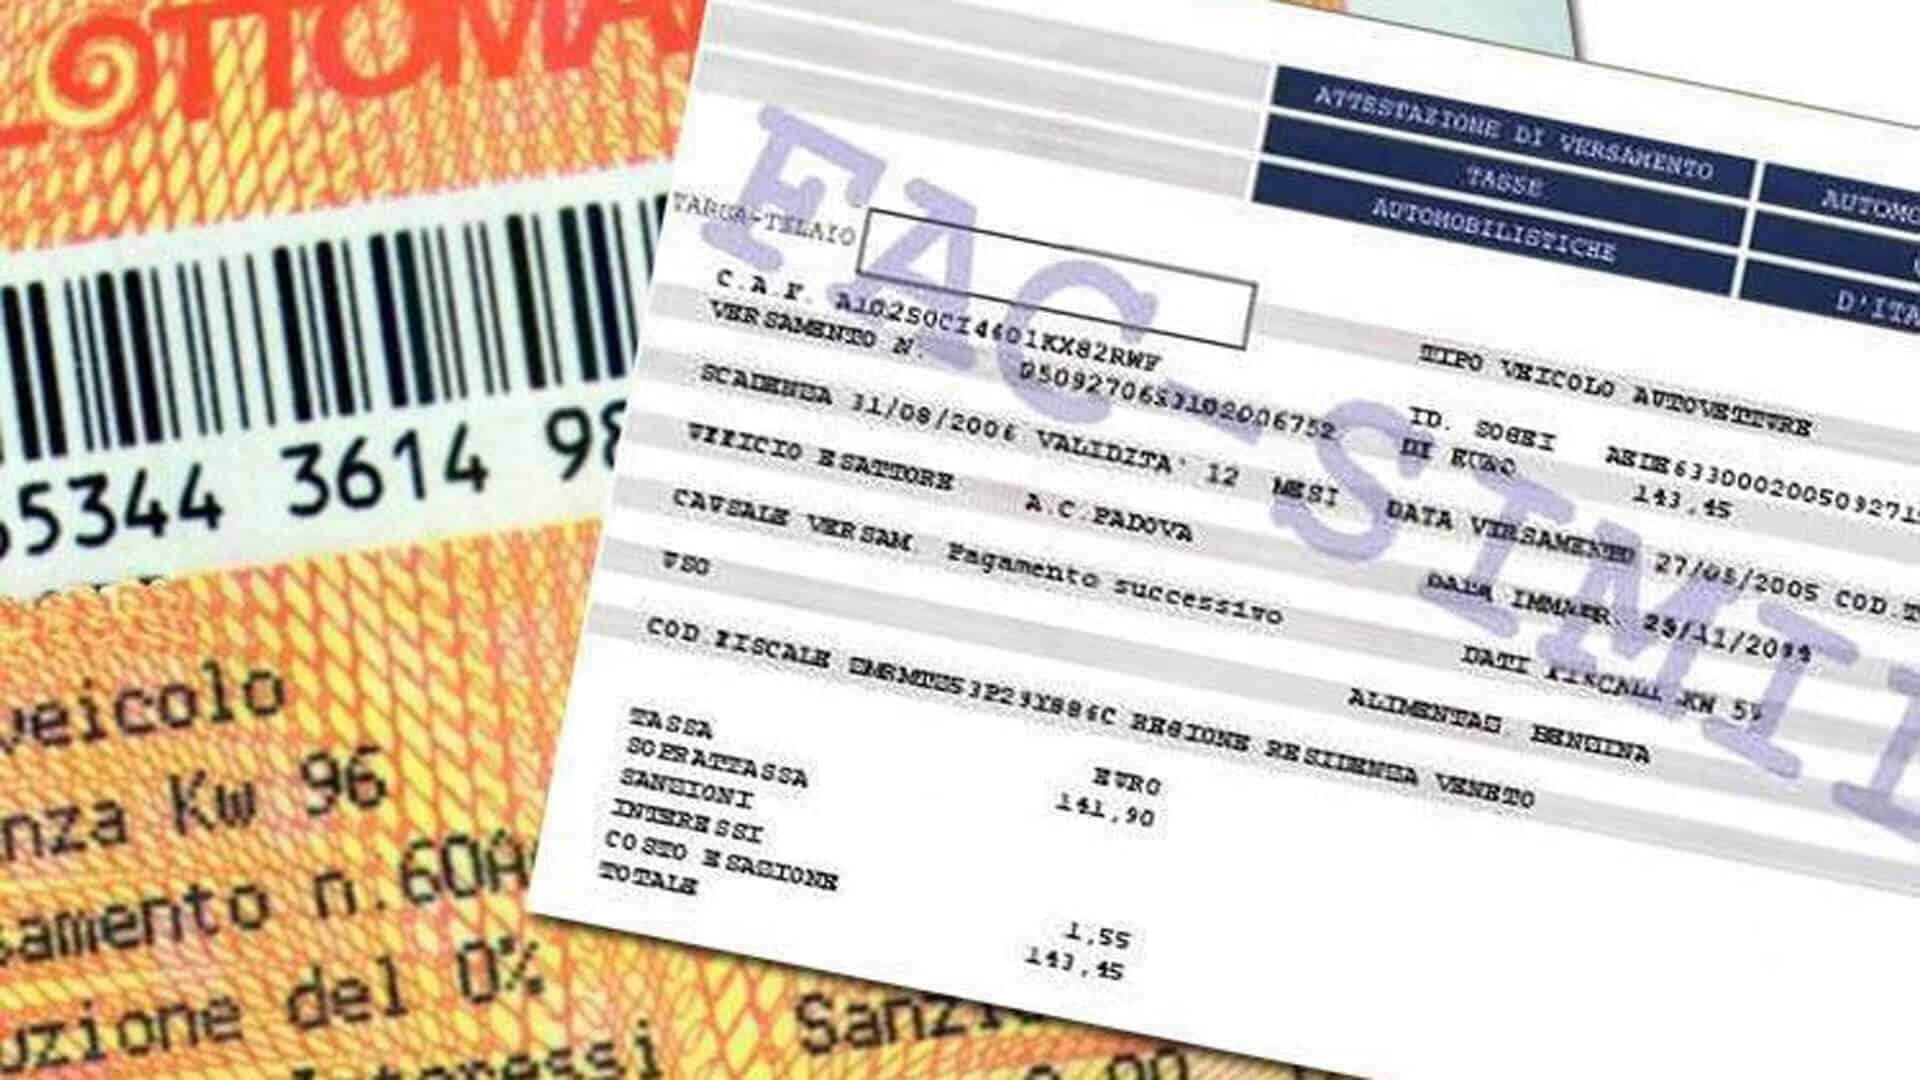 Bollo auto non pagato? Sanzioni per pagamenti tardivi, radiazione veicolo e regole - ClubAlfa.it